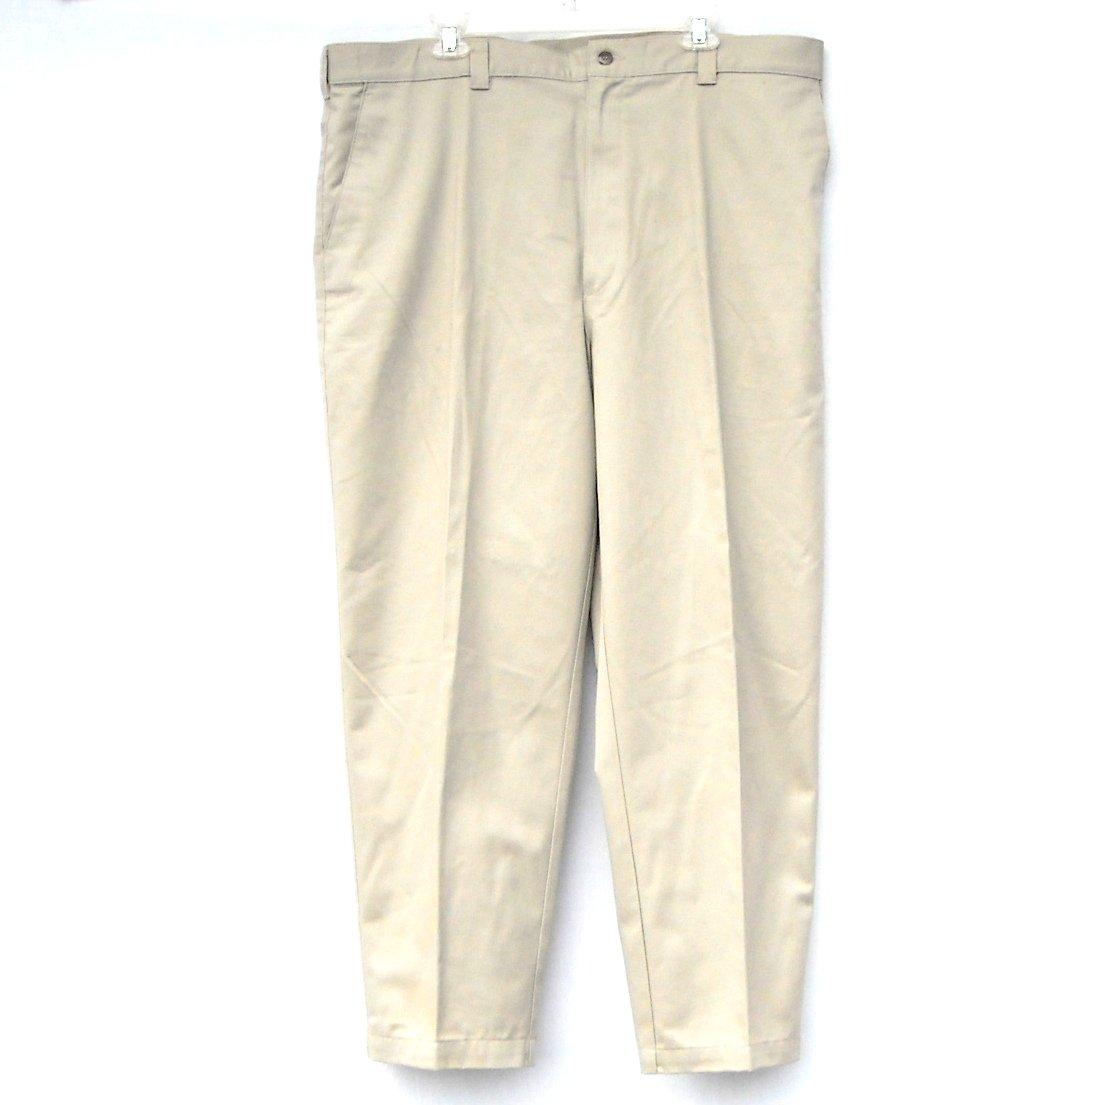 Harbor Bay HB Classics Khaki Pants size 42 X 29